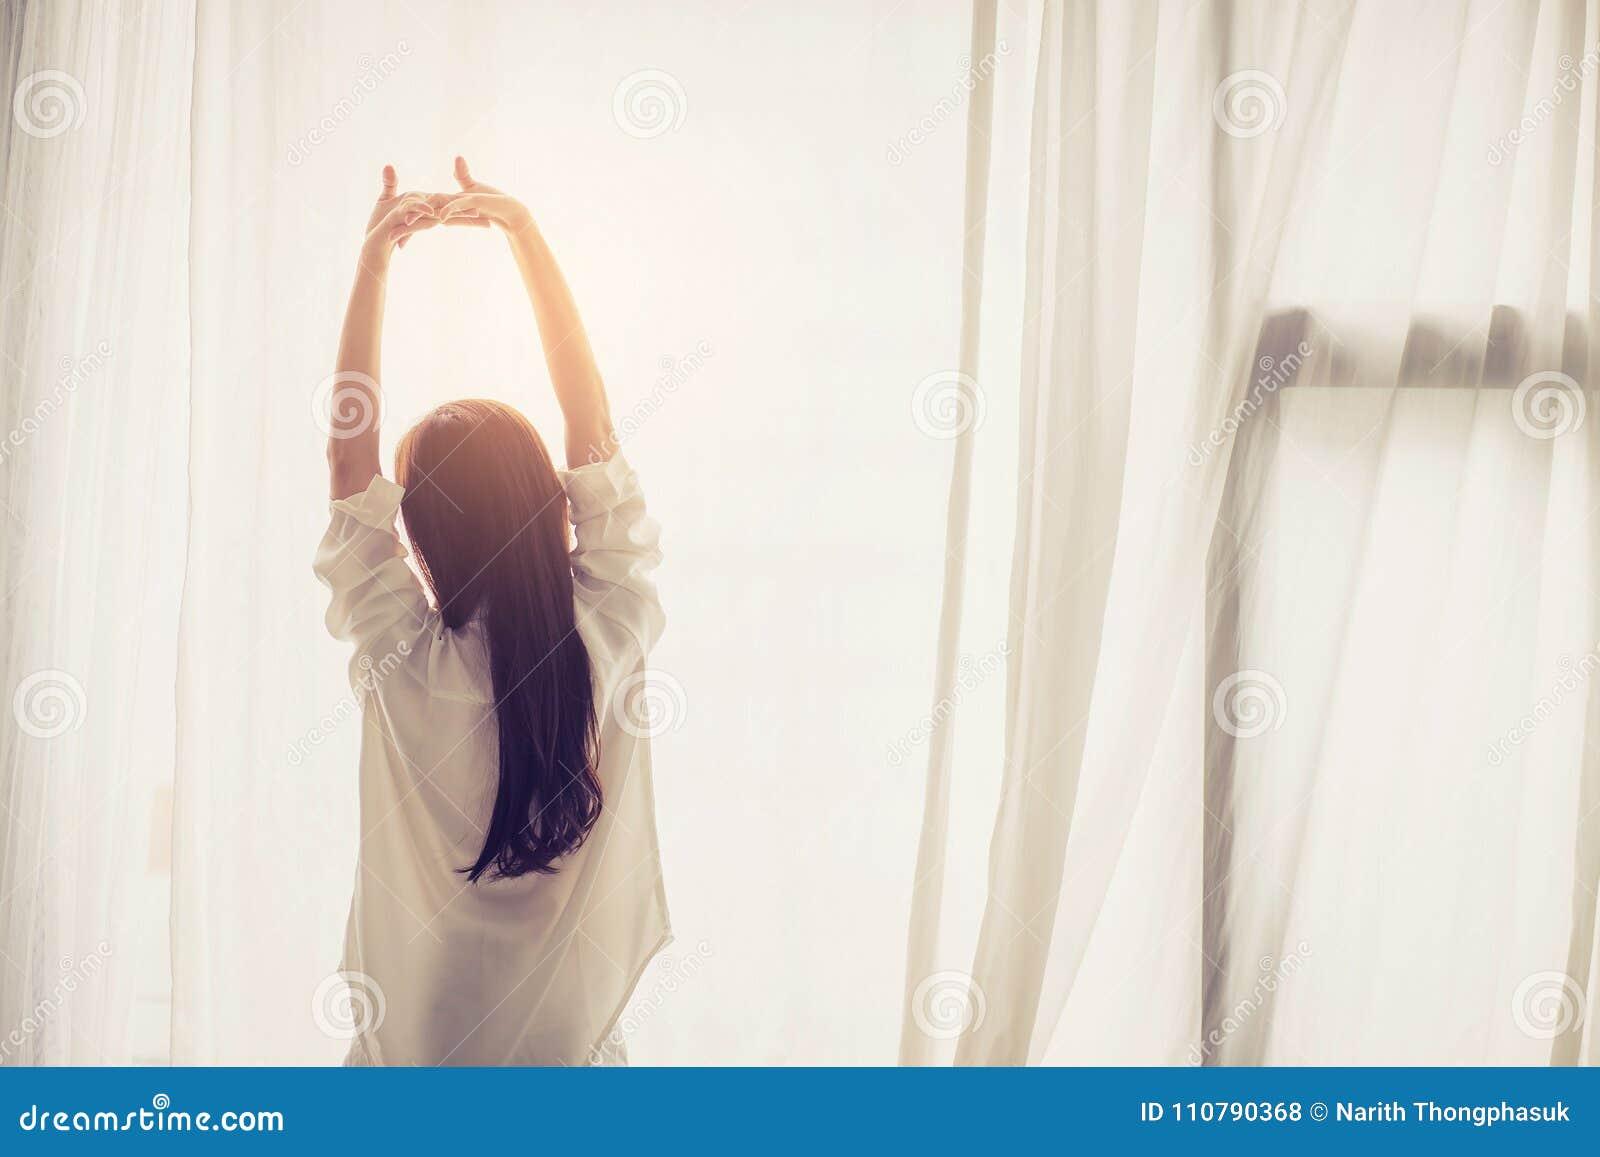 Schöne junge asiatische Frauenausdehnung und entspannen sich im Bett nach aufwachen Morgen am Schlafzimmer